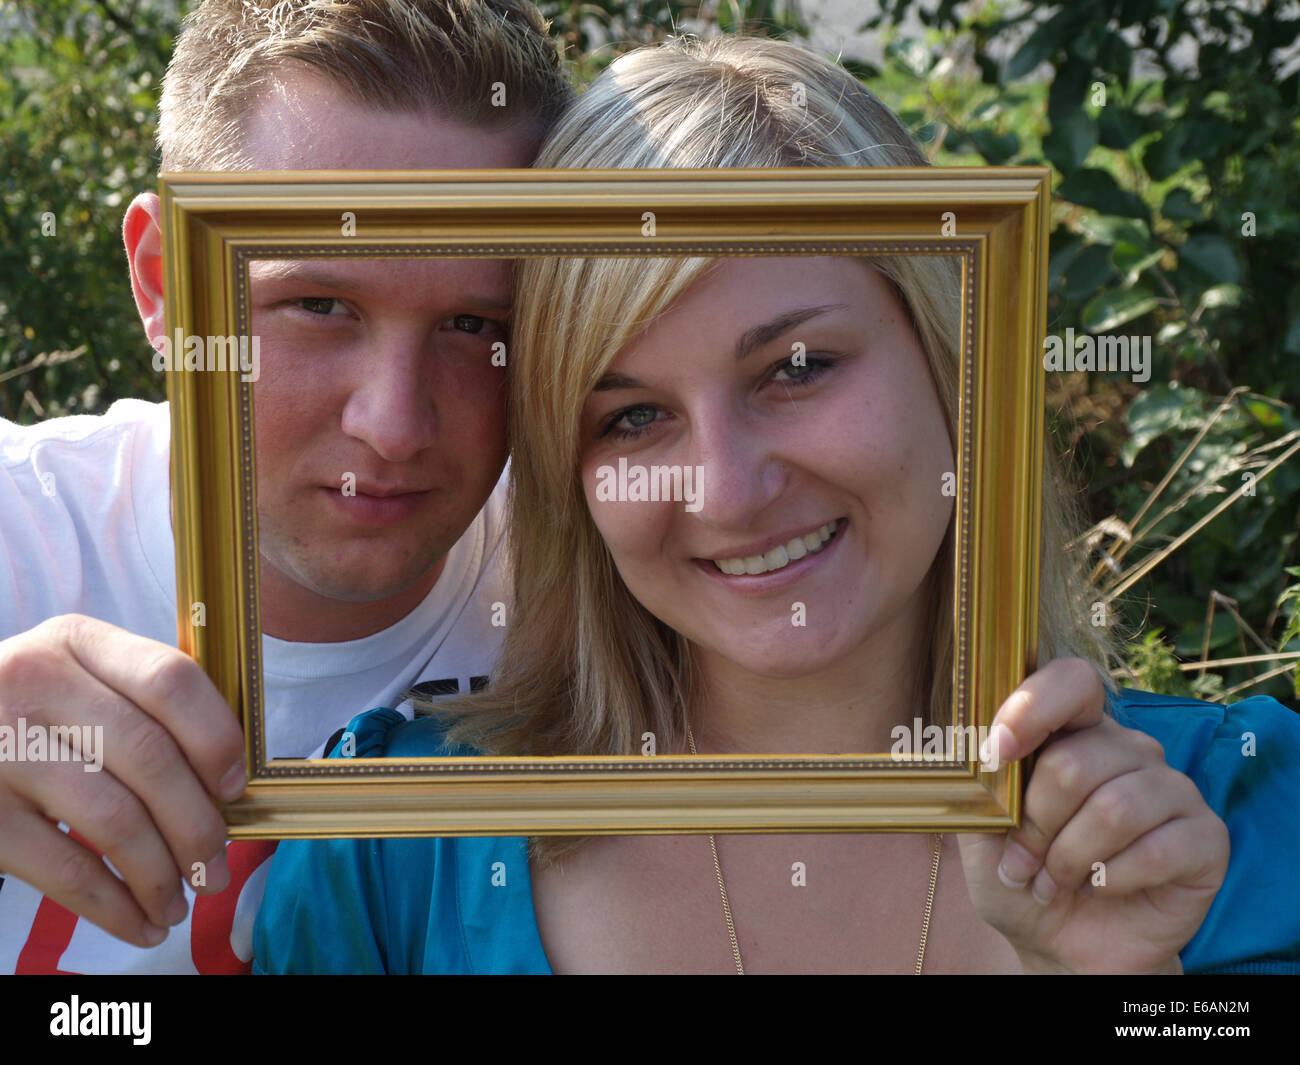 Paar Kurze Haare Stockfotos & Paar Kurze Haare Bilder - Alamy